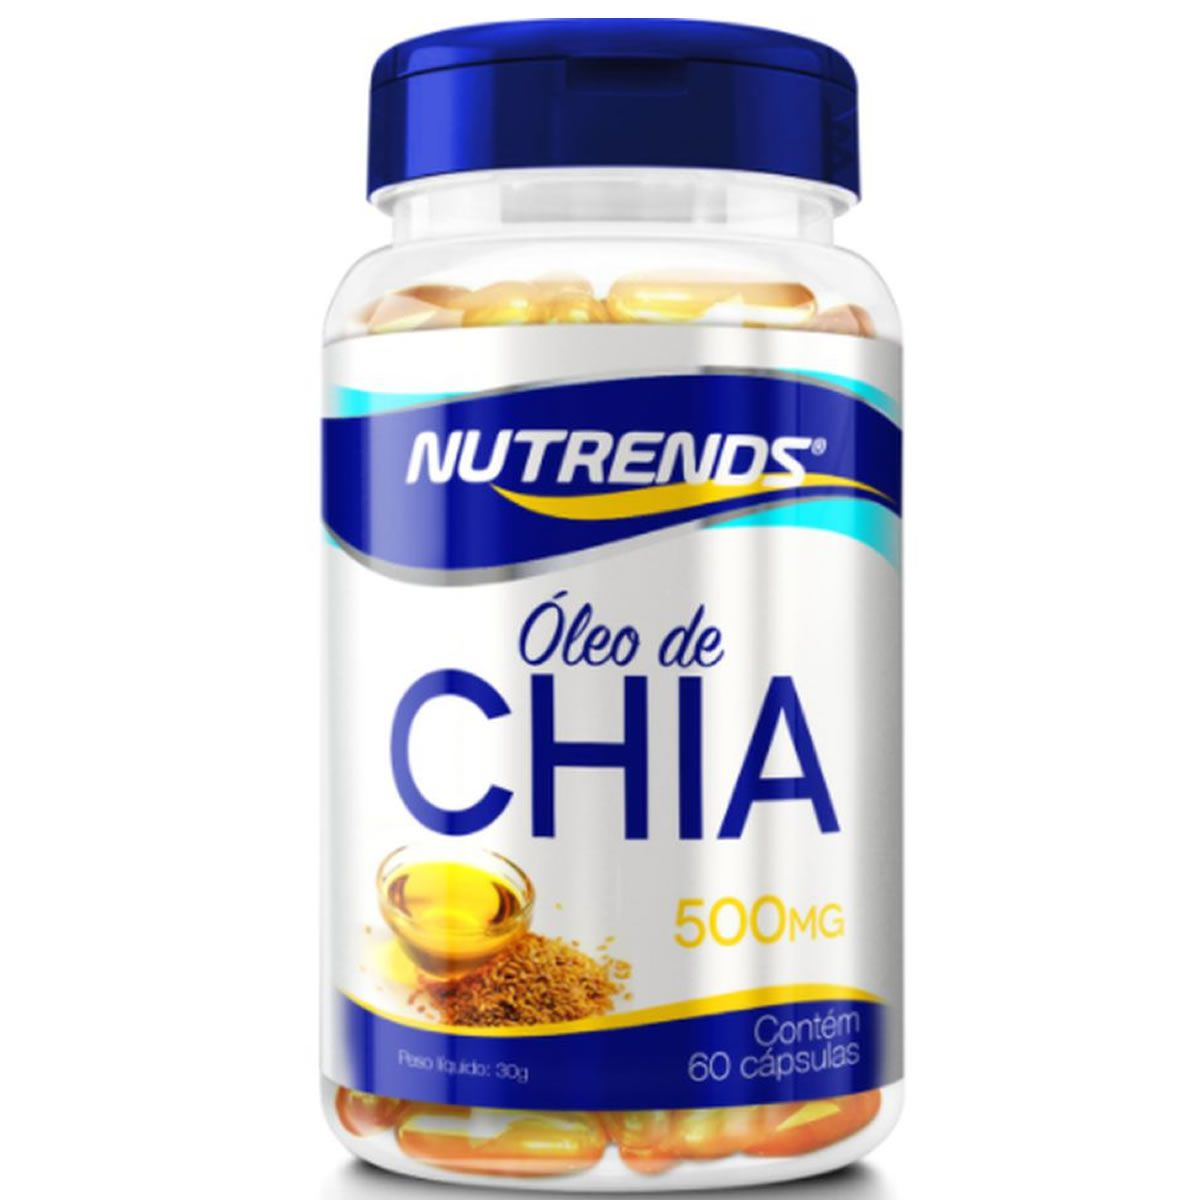 Oleo de Chia 60 Capsulas - Nutrends